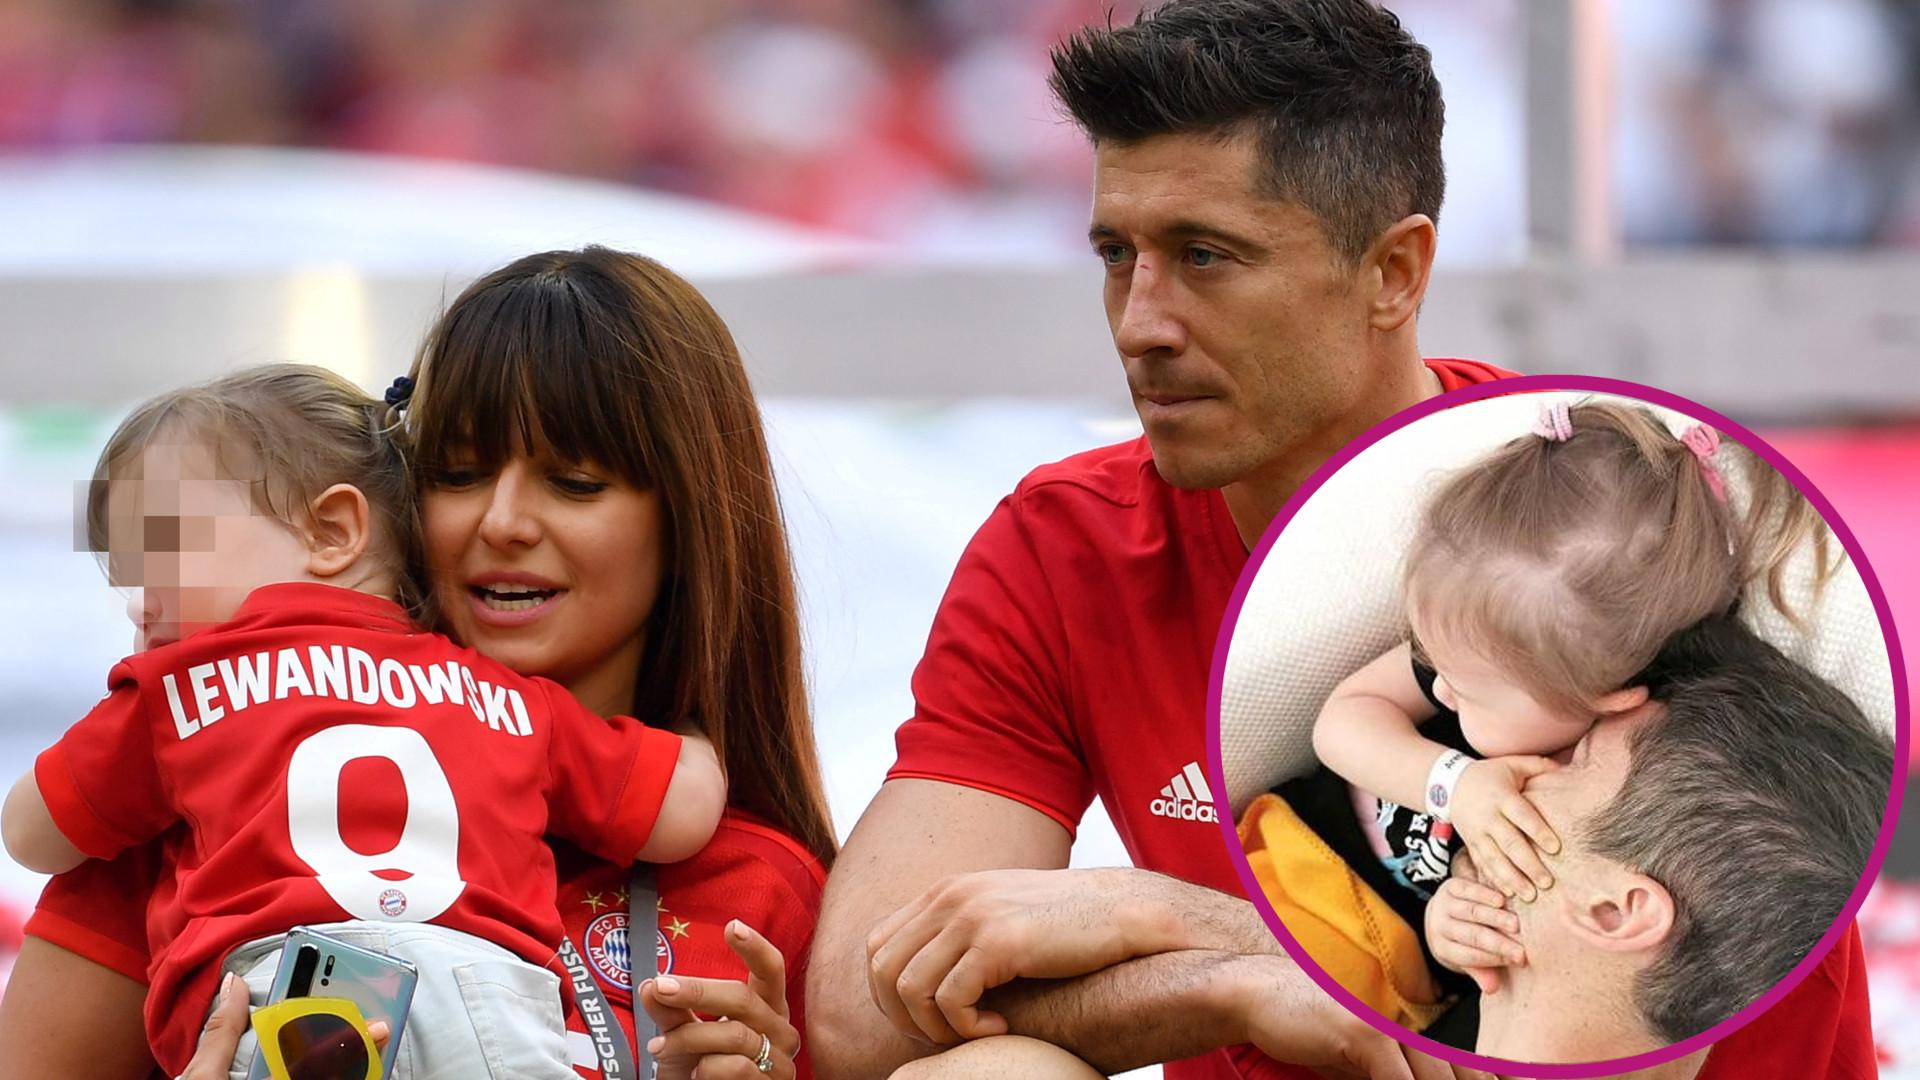 Klara Lewandowska wymiata! Robert Lewandowski podpisuje zdjęcia, a jego córka…